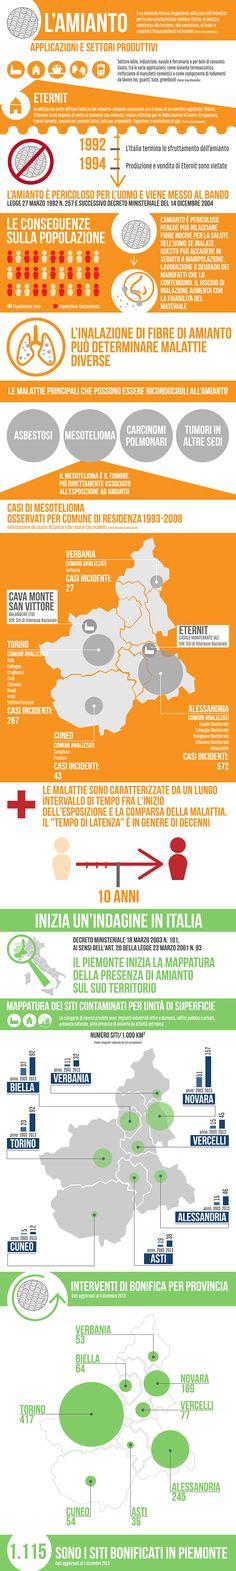 Piemonte Visual Contest 2014. Il caso amianto in Italia. Progetto realizzato in collaborazione con la giornalista Elena Roda e la geografa Stefania Mancuso.